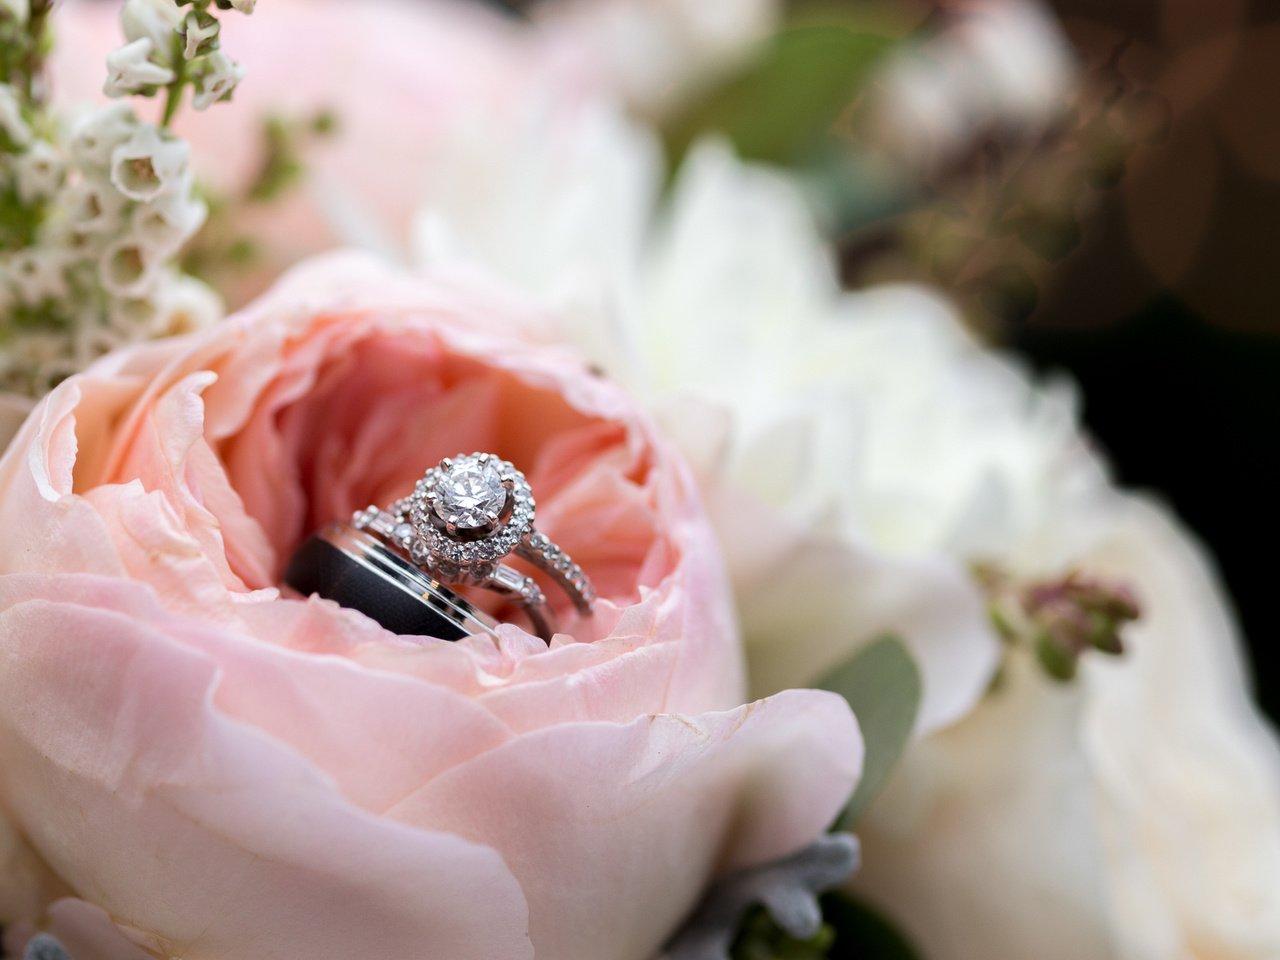 Кольца с цветами : картинки и фото кольца и цветы, скачать изображения 24